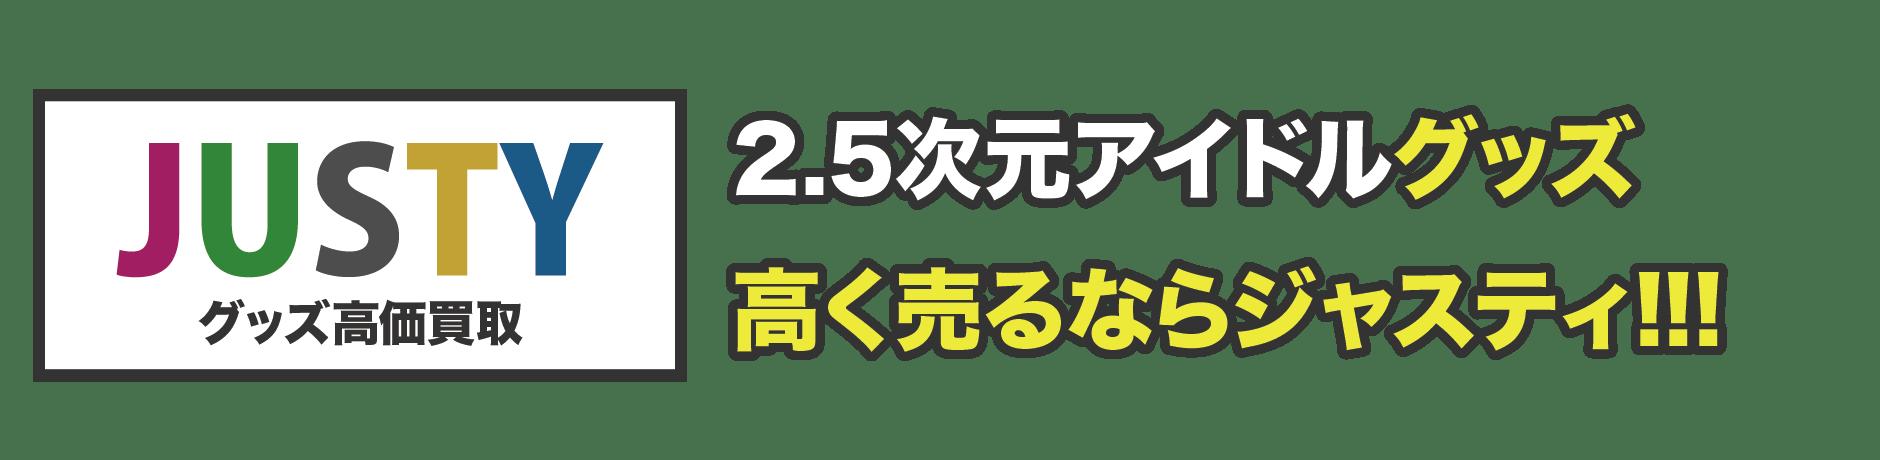 2.5次元アイドル・声優グッズ